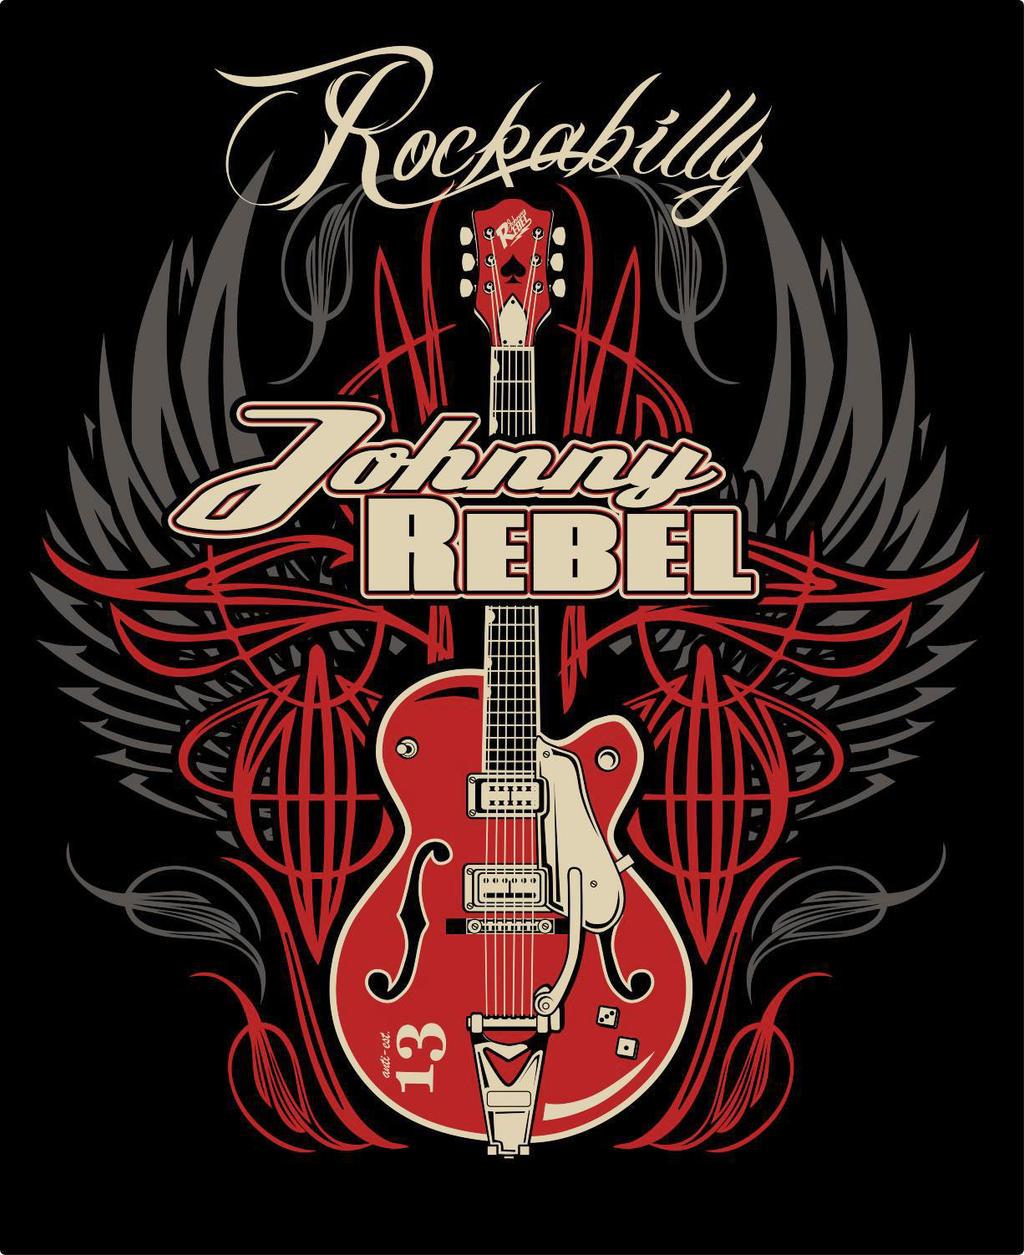 johnny rebel t shirt design wing guitar by russellink on. Black Bedroom Furniture Sets. Home Design Ideas